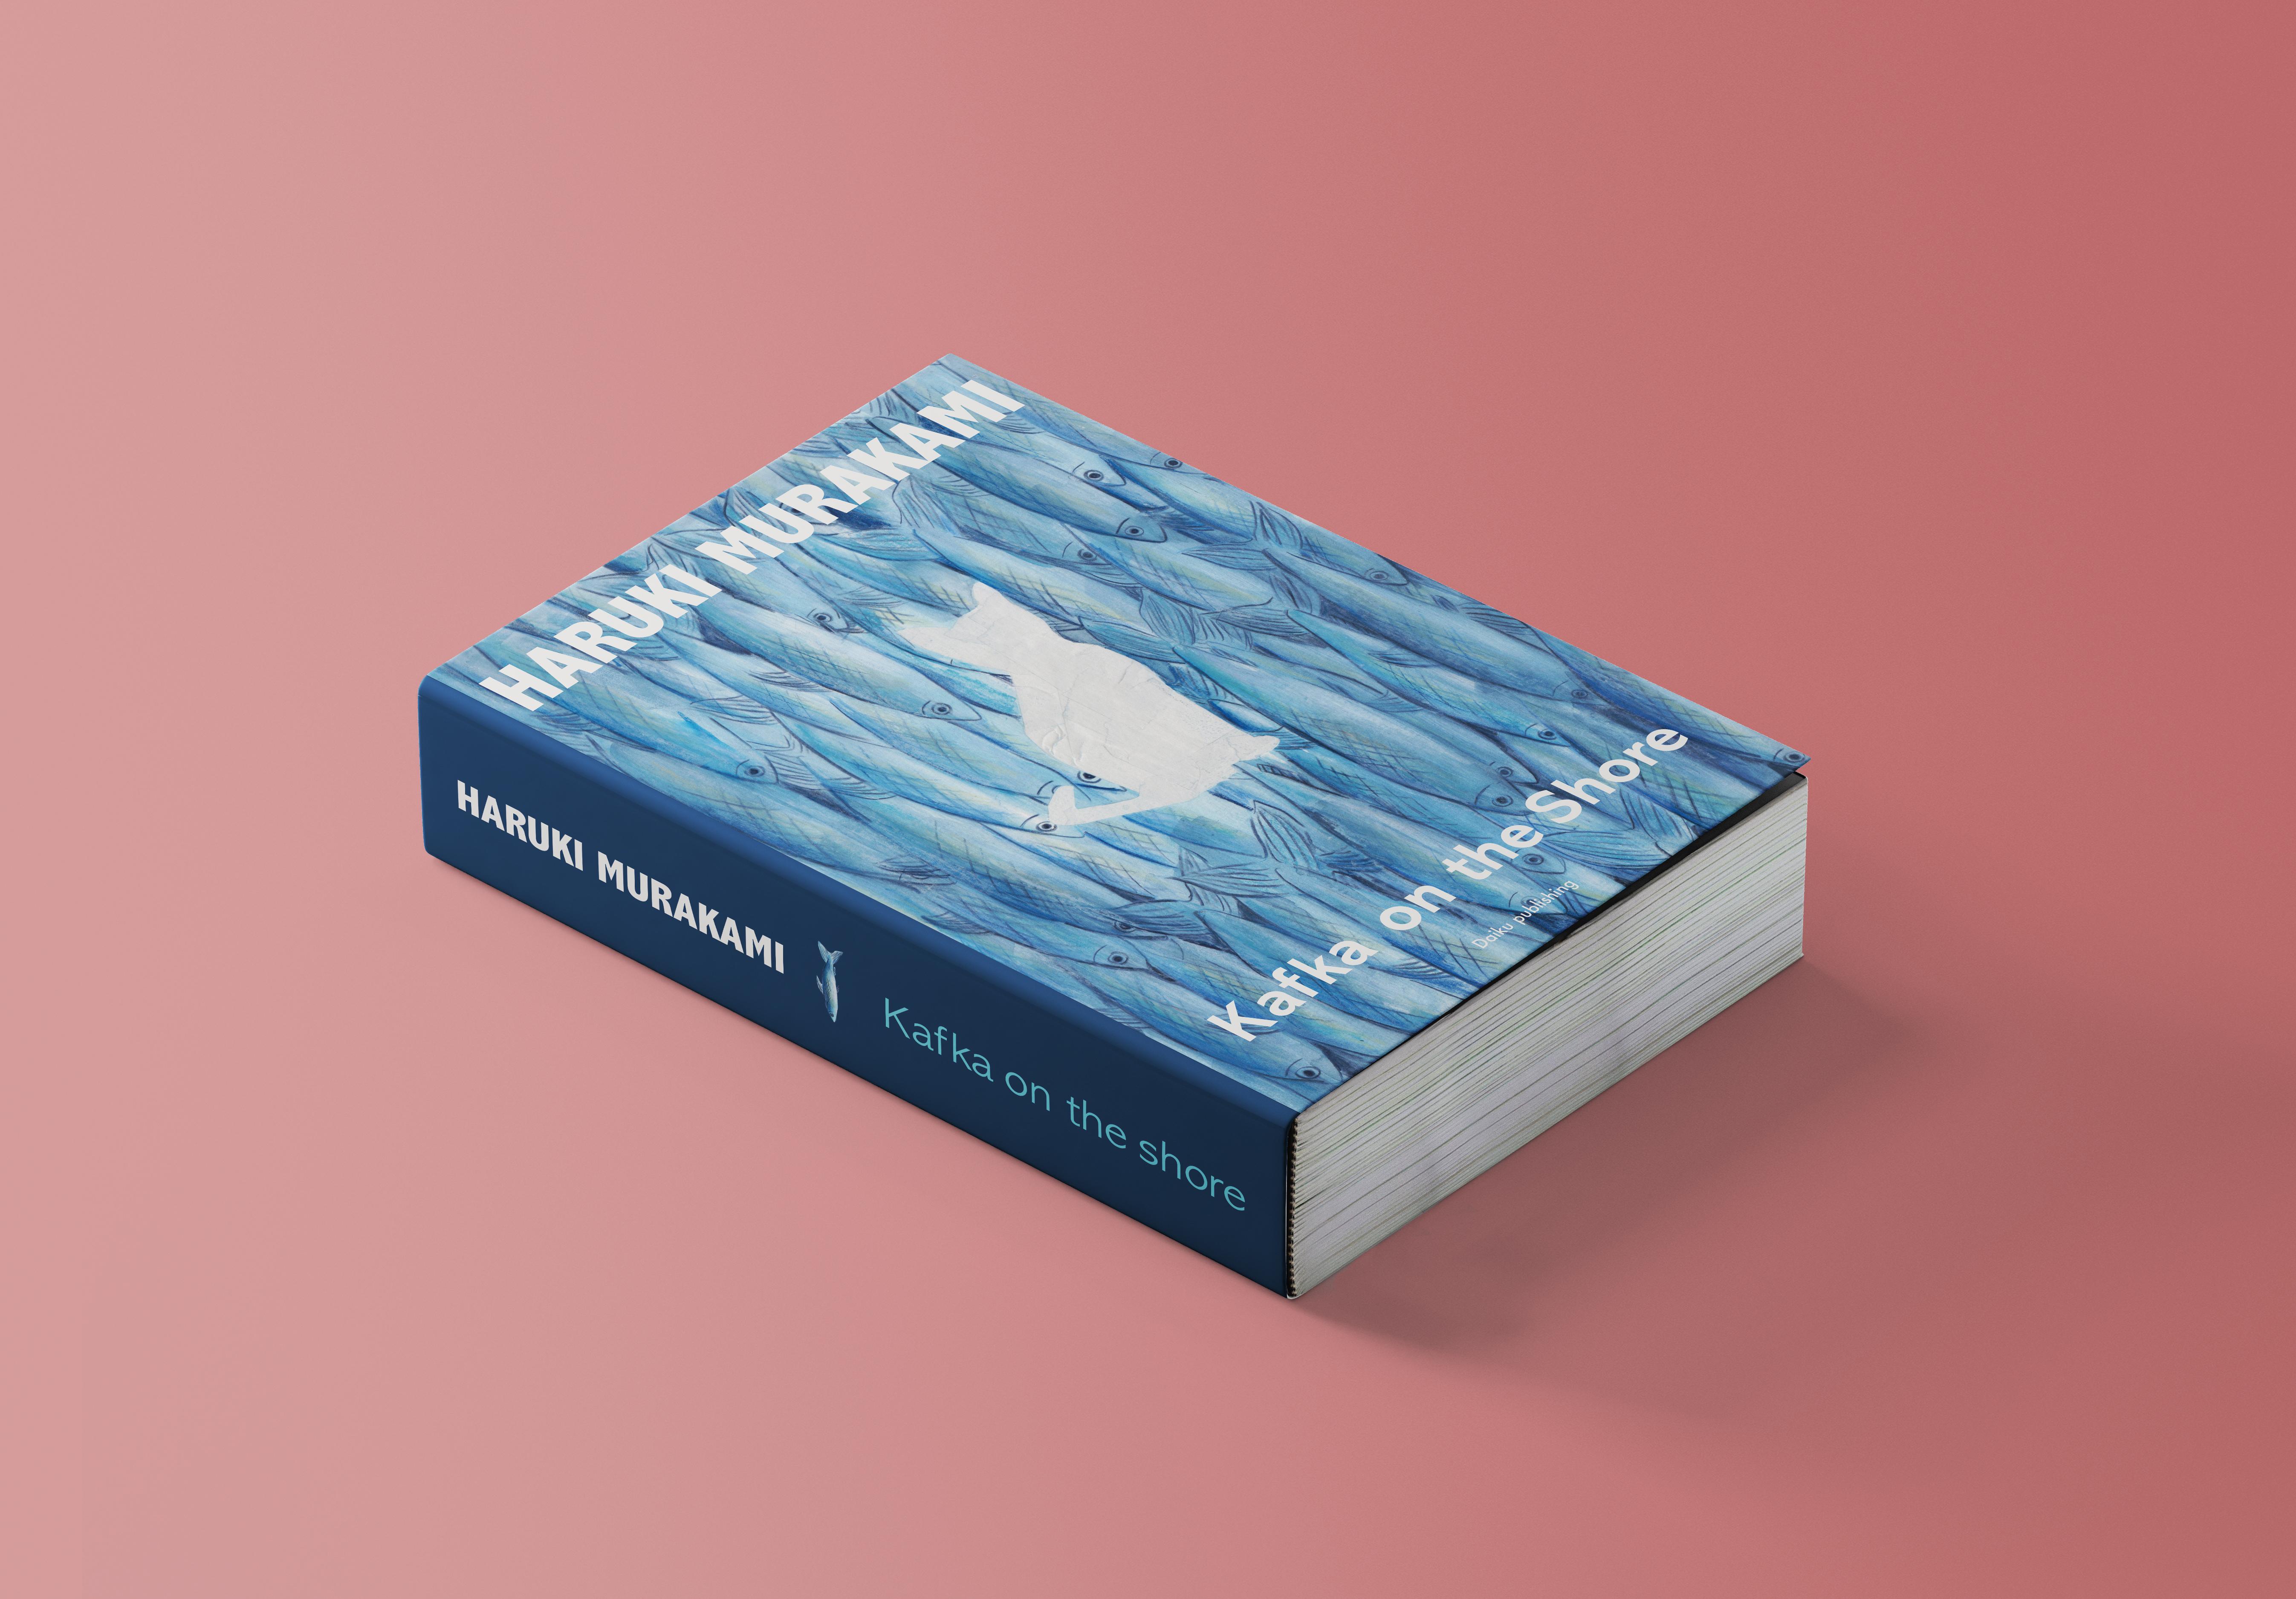 Illustration_Book_Cover_Design_Kafka_on_